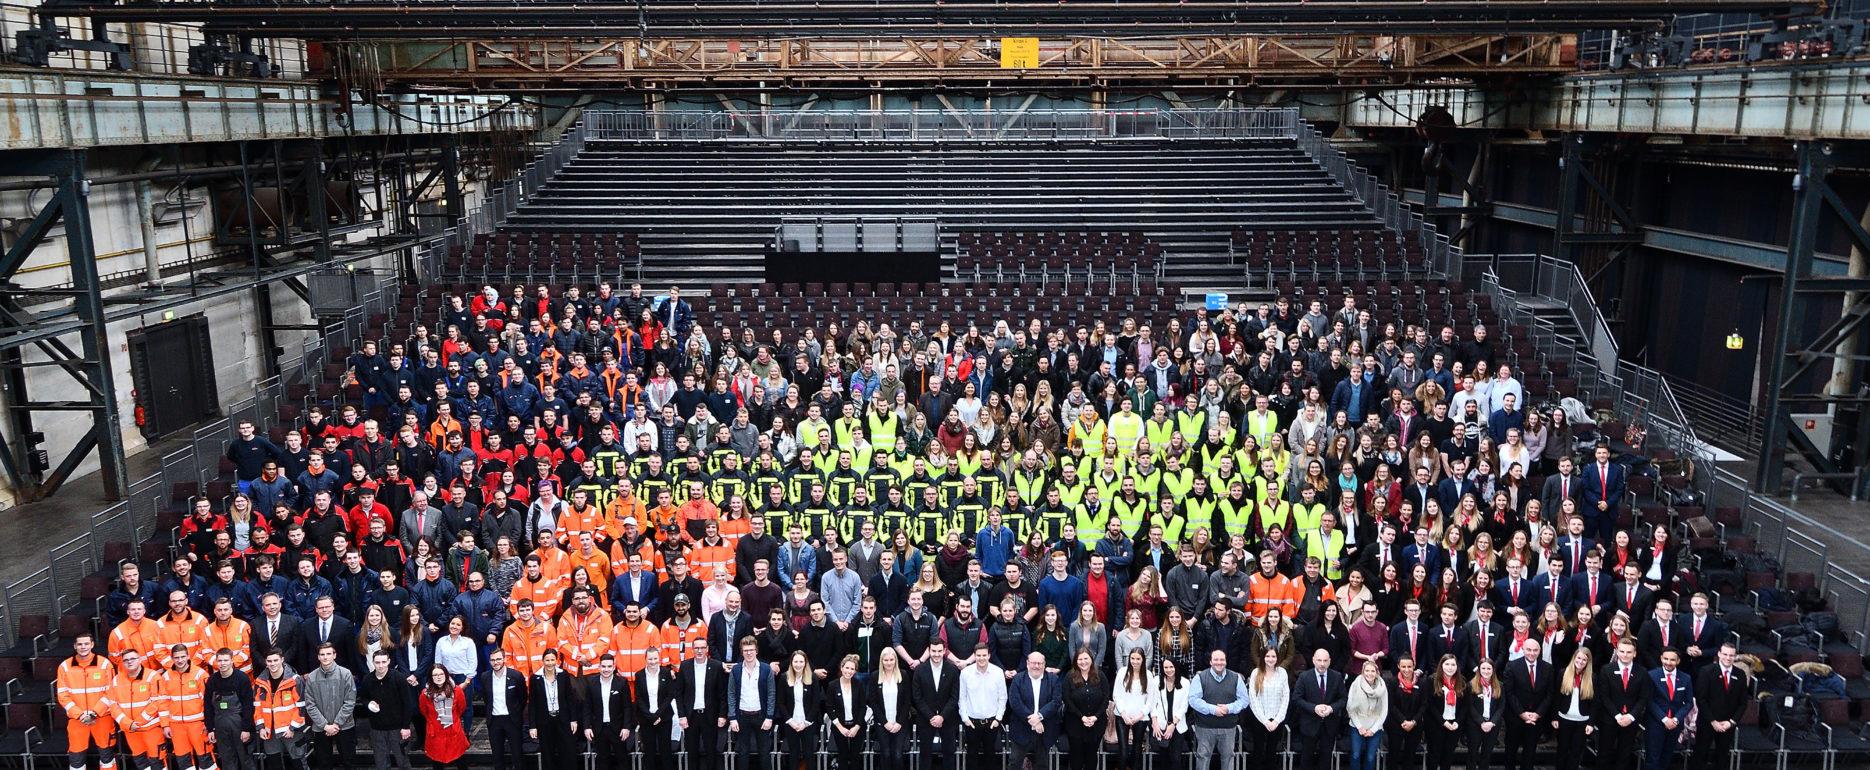 500 Auszubildende der Stadt Bochum in der Jahrhunderthalle